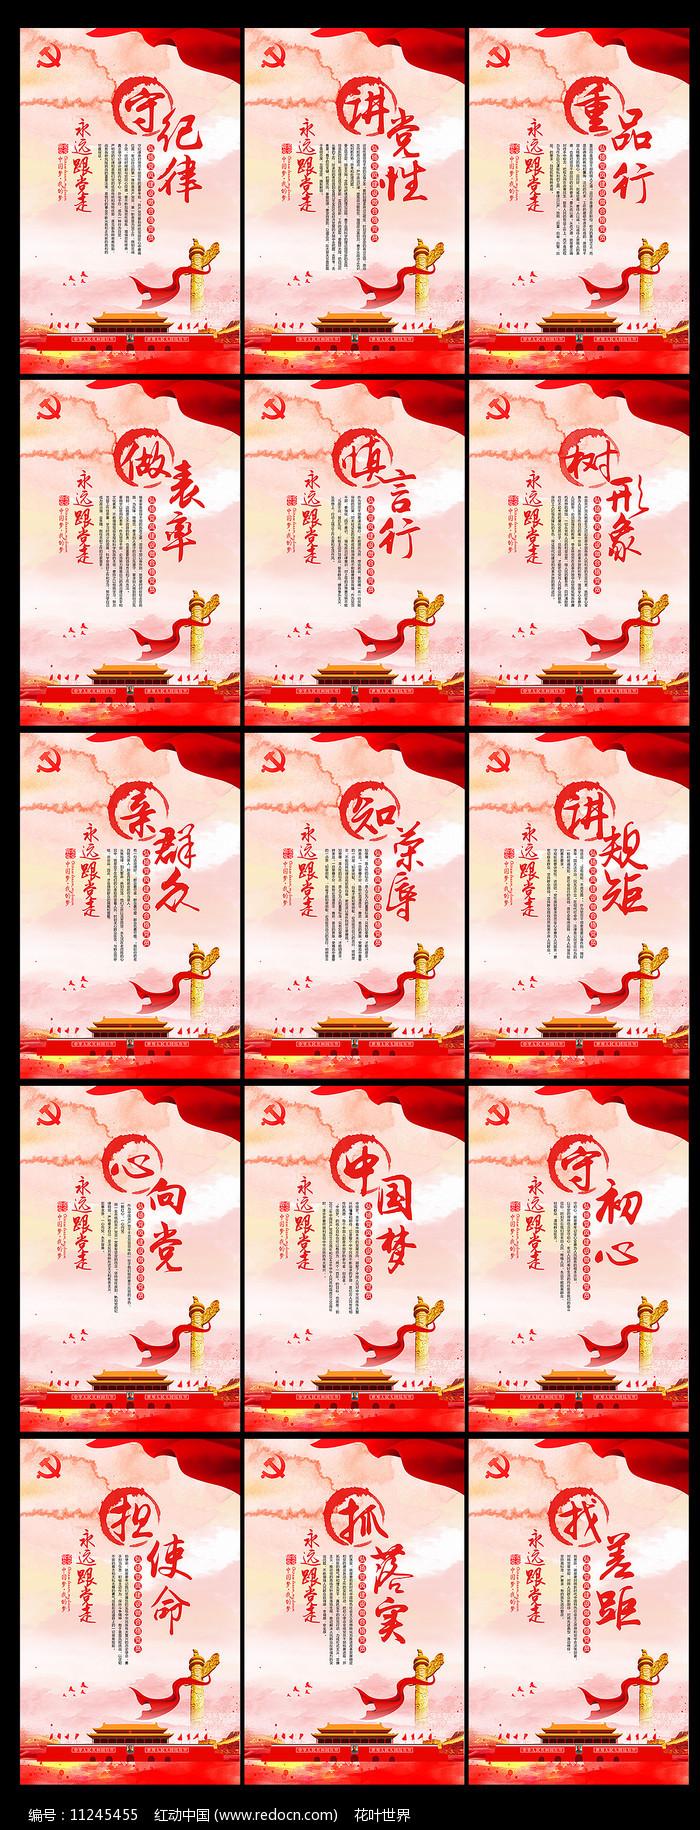 不忘初心中国梦守纪律党建文化展板图片